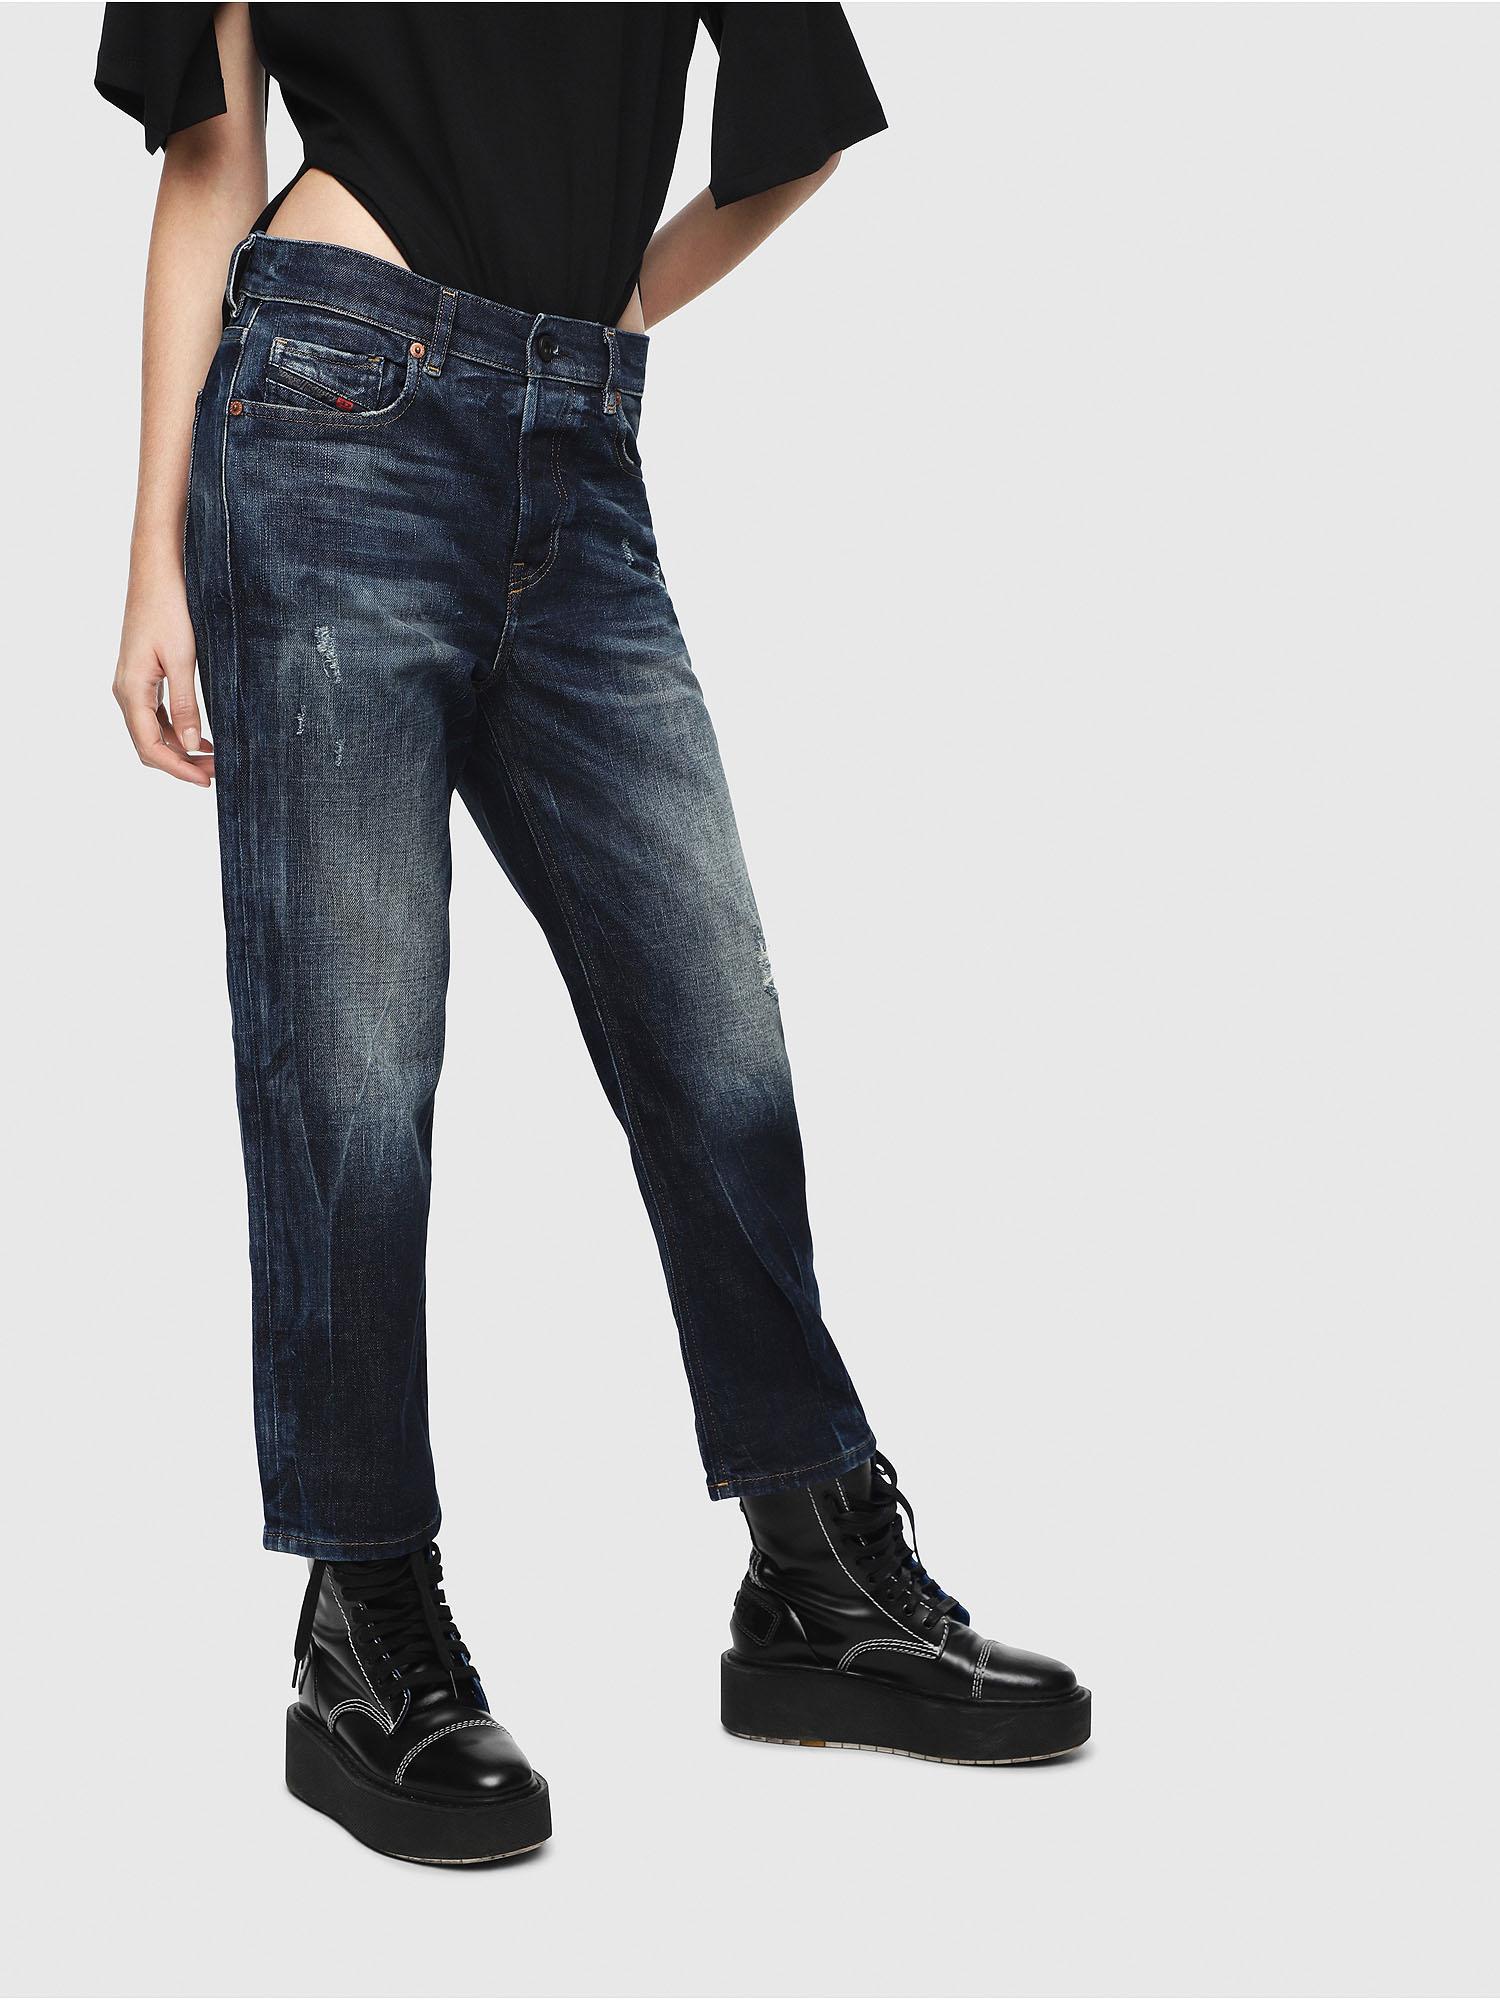 Diesel ARYEL Jeans 089AL - Blue - 27